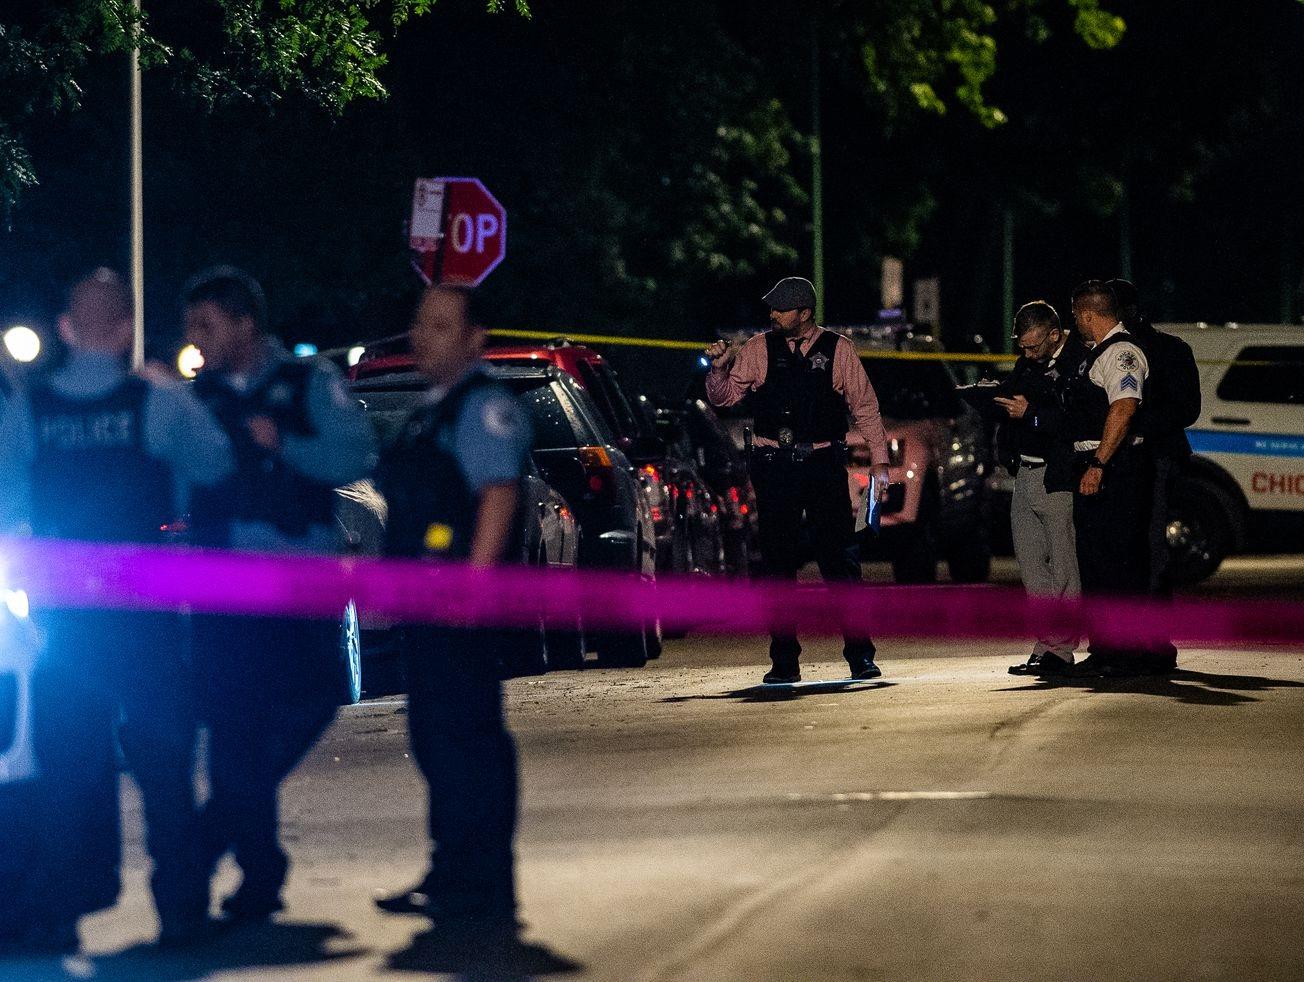 أحدث إطلاق نار في شيكاغو جرح صبي يبلغ من العمر عامين و 7 بالغين